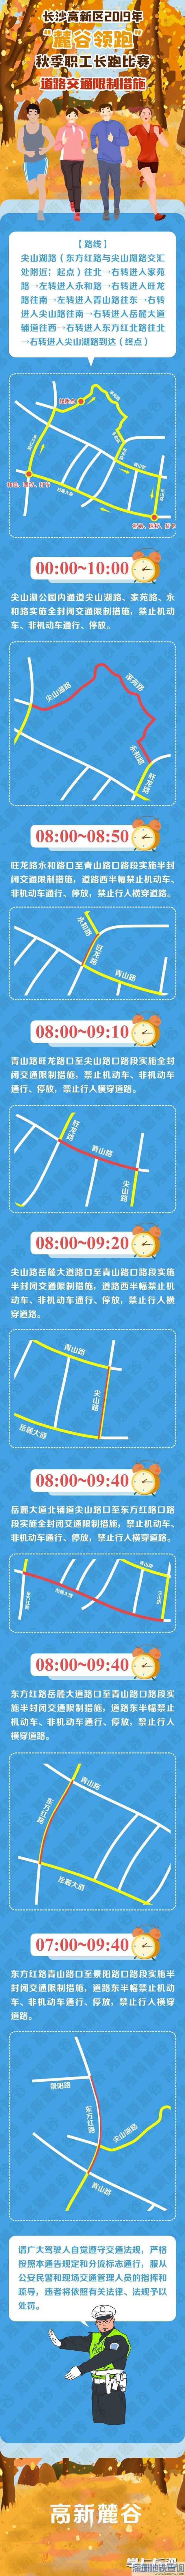 2019长沙麓谷领跑比赛线路图 11月2日限行路段(内含详细图)